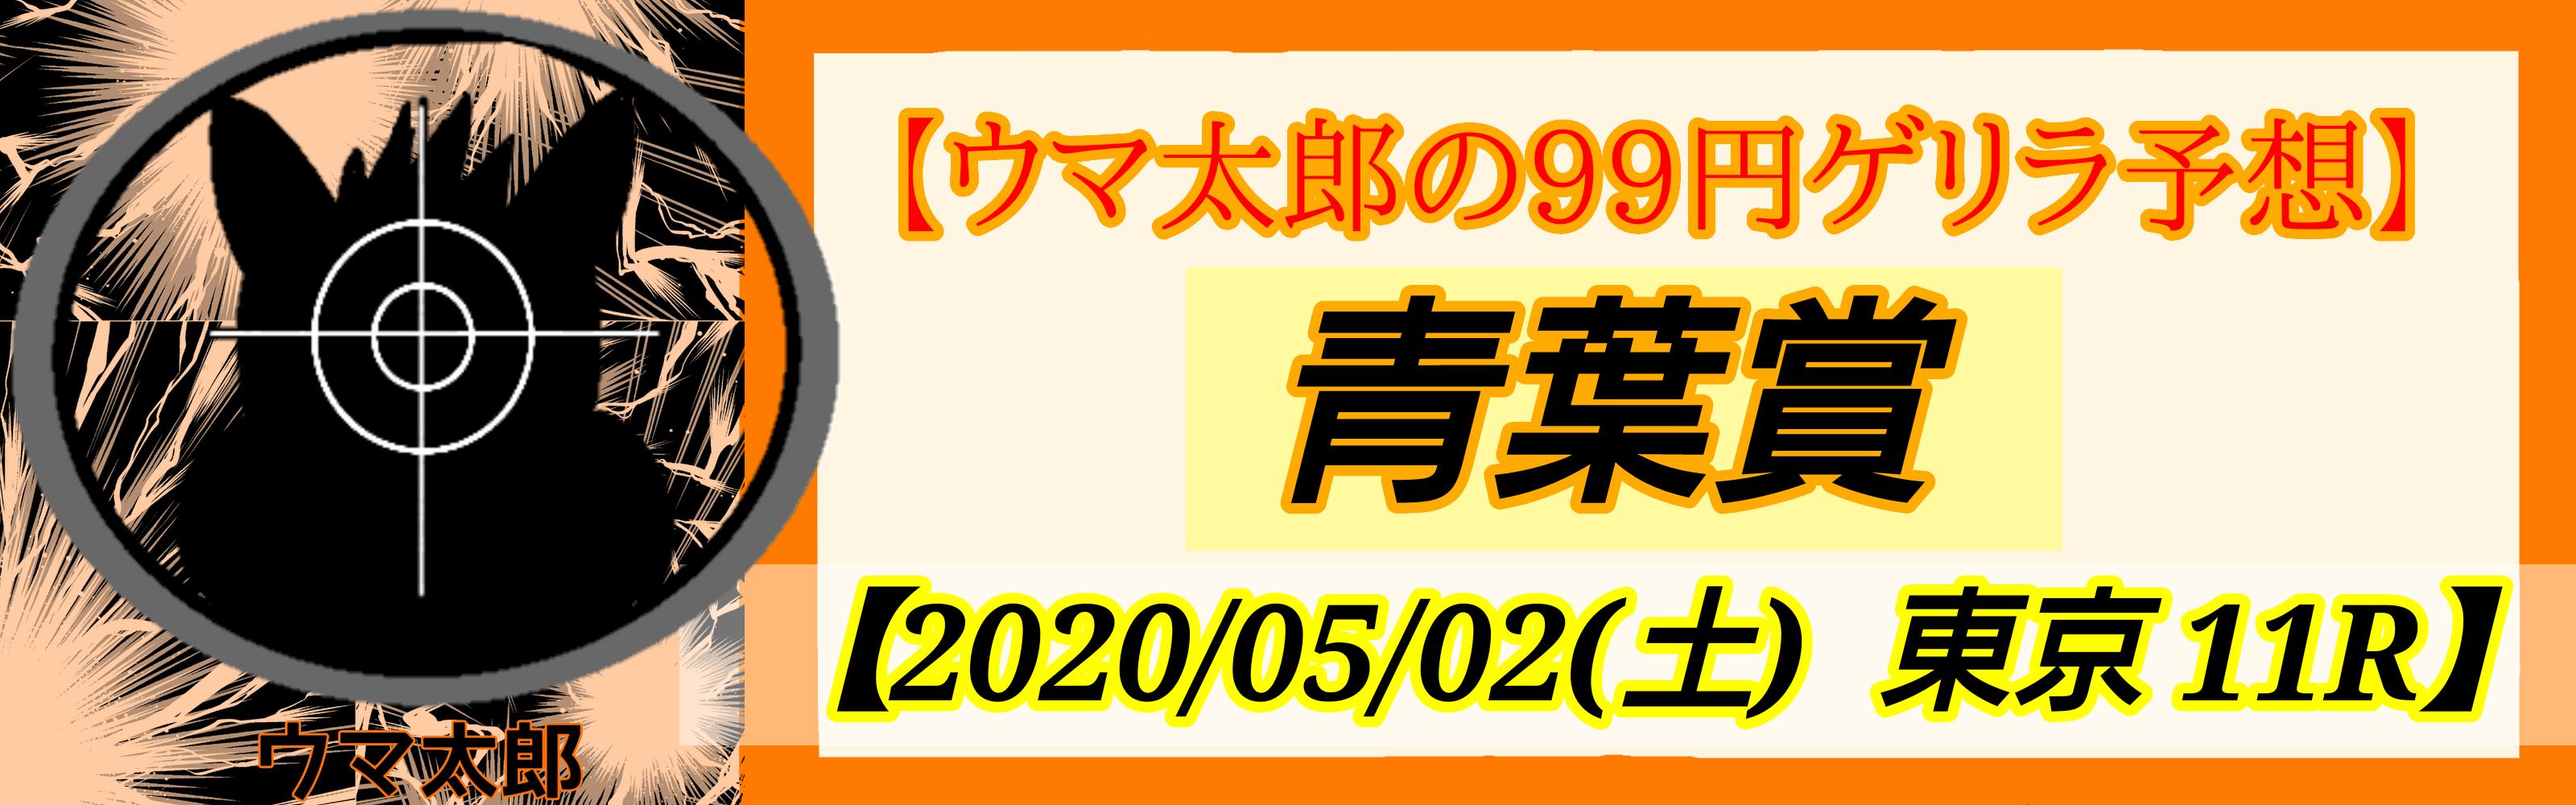 ゲリラ99予想 青葉賞